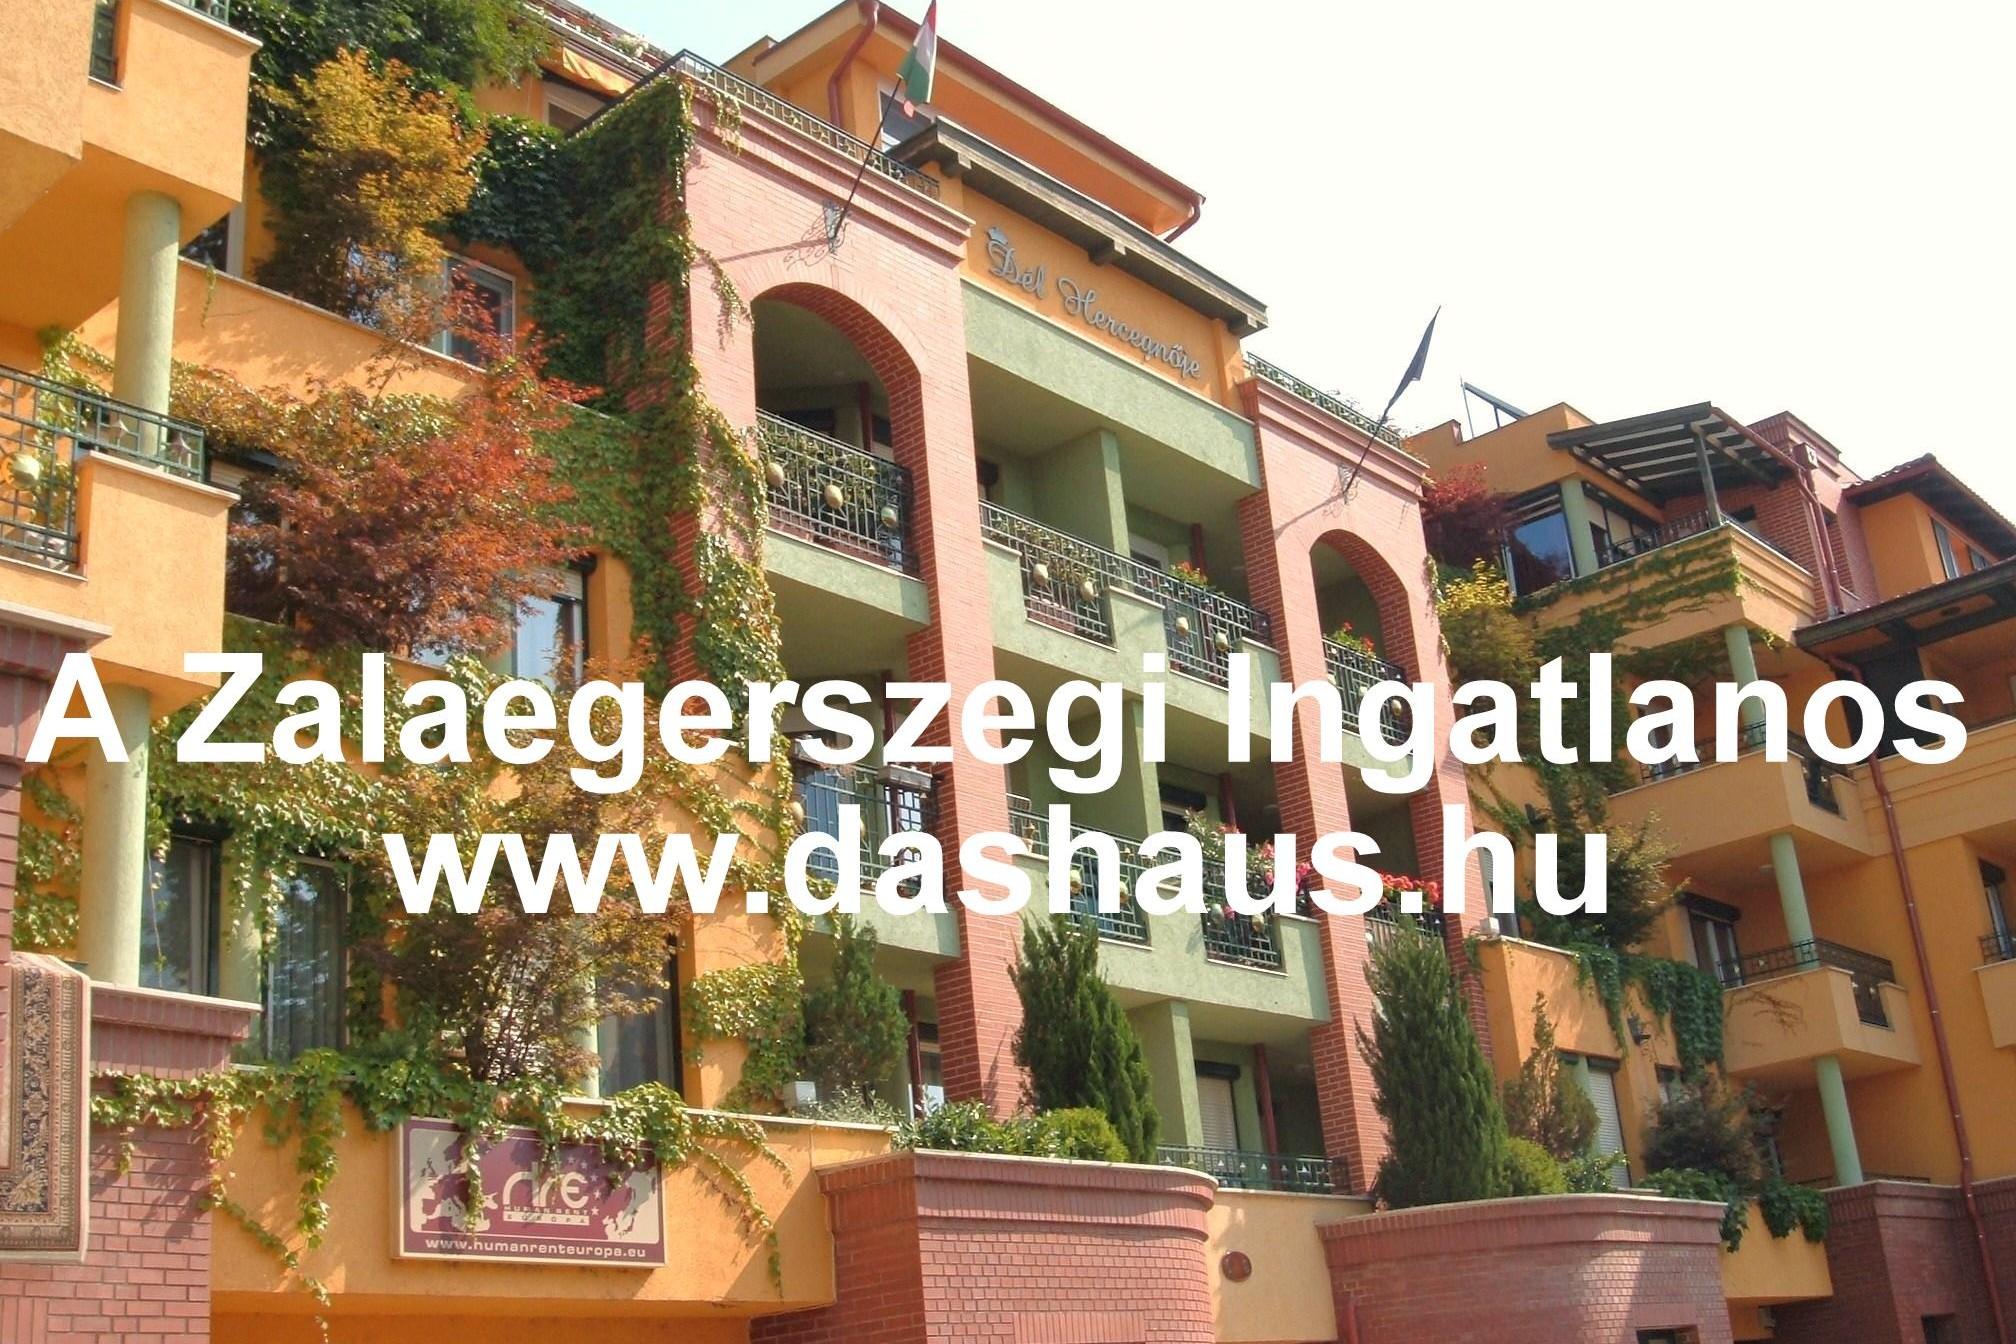 Eladó lakás, ház, ingatlan Zalaegerszeg, Zala megye: www.dashaus.hu